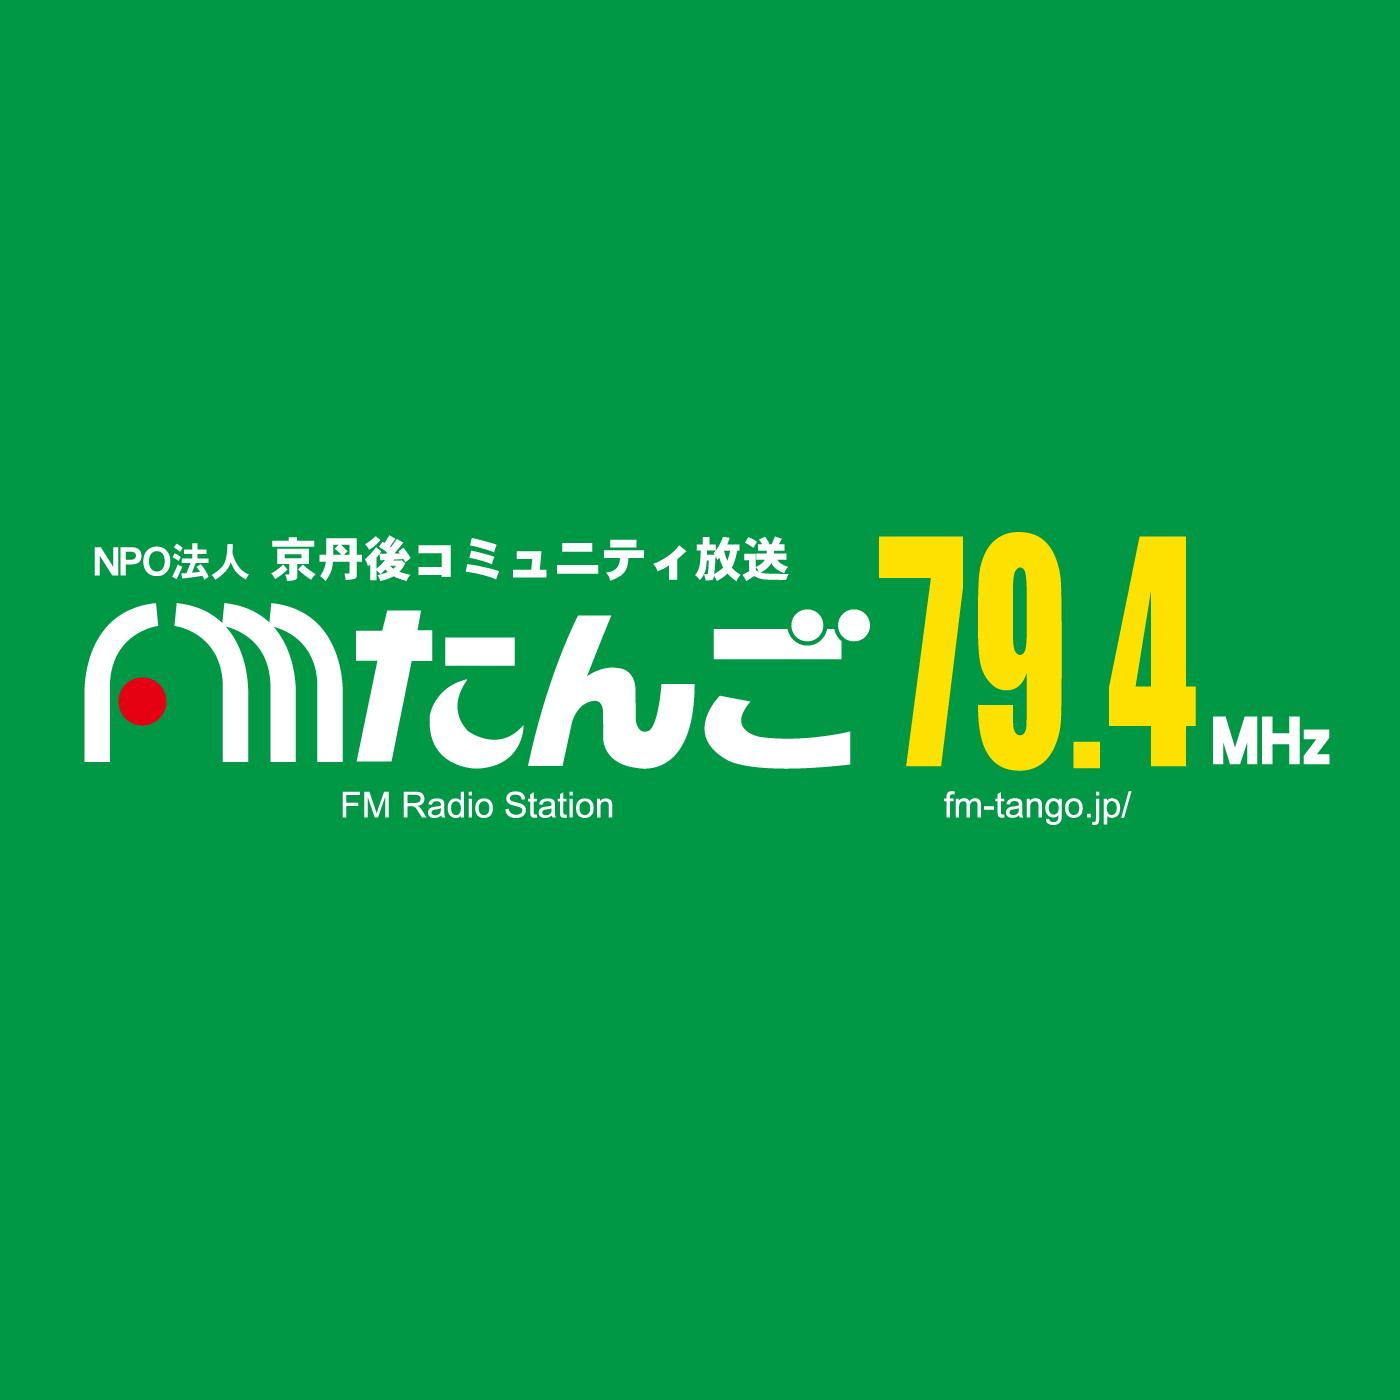 FMたんご 79.4MHz(京丹後市)